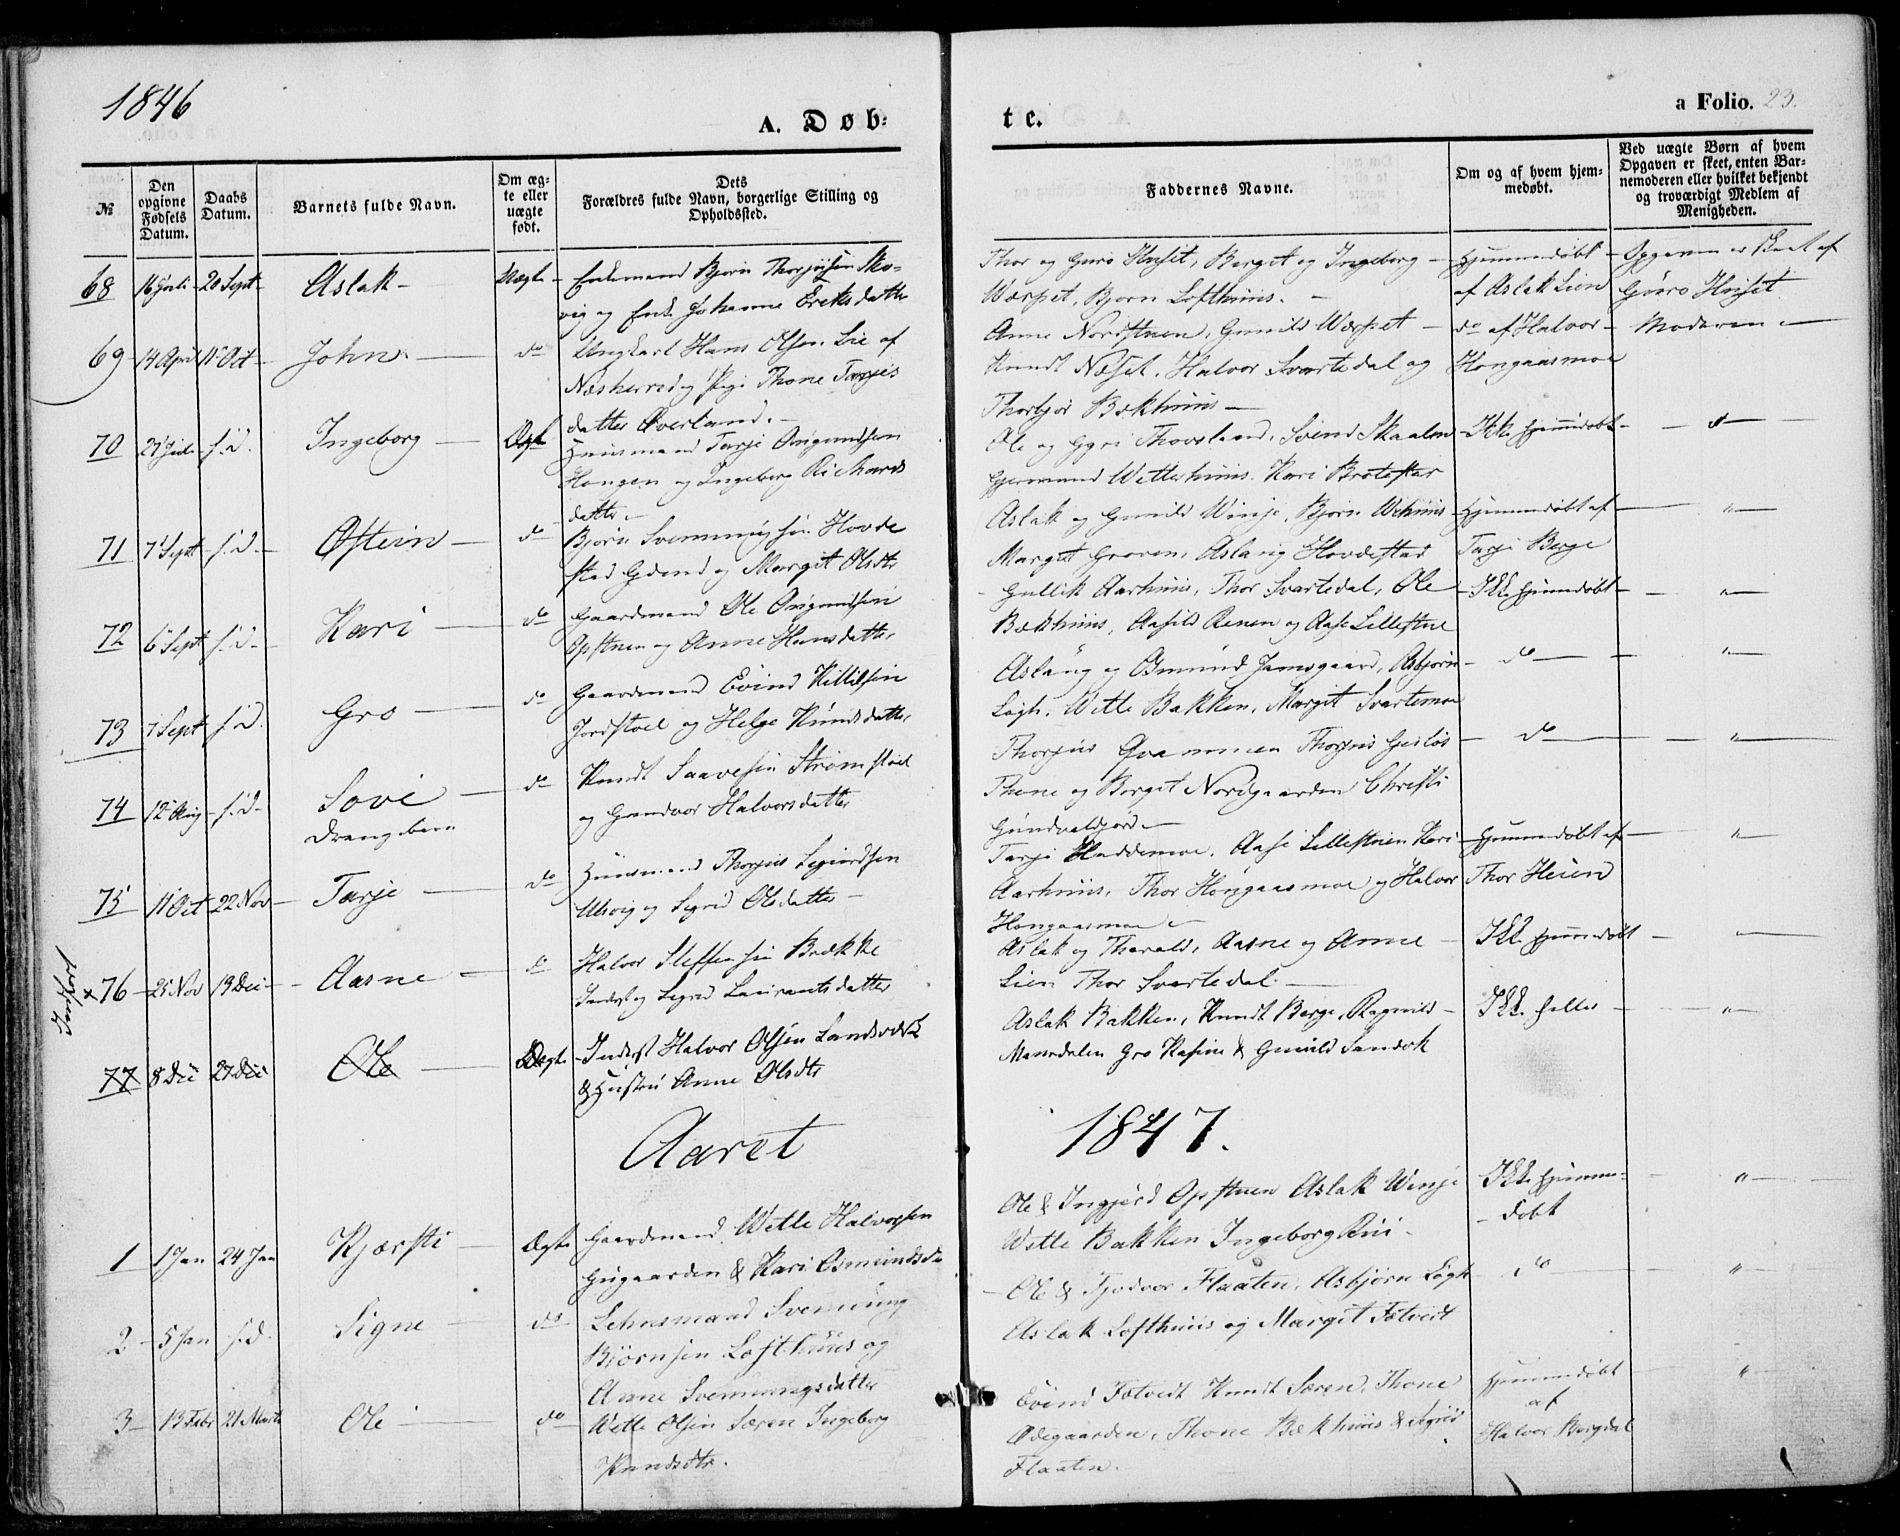 SAKO, Vinje kirkebøker, F/Fa/L0004: Ministerialbok nr. I 4, 1843-1869, s. 23